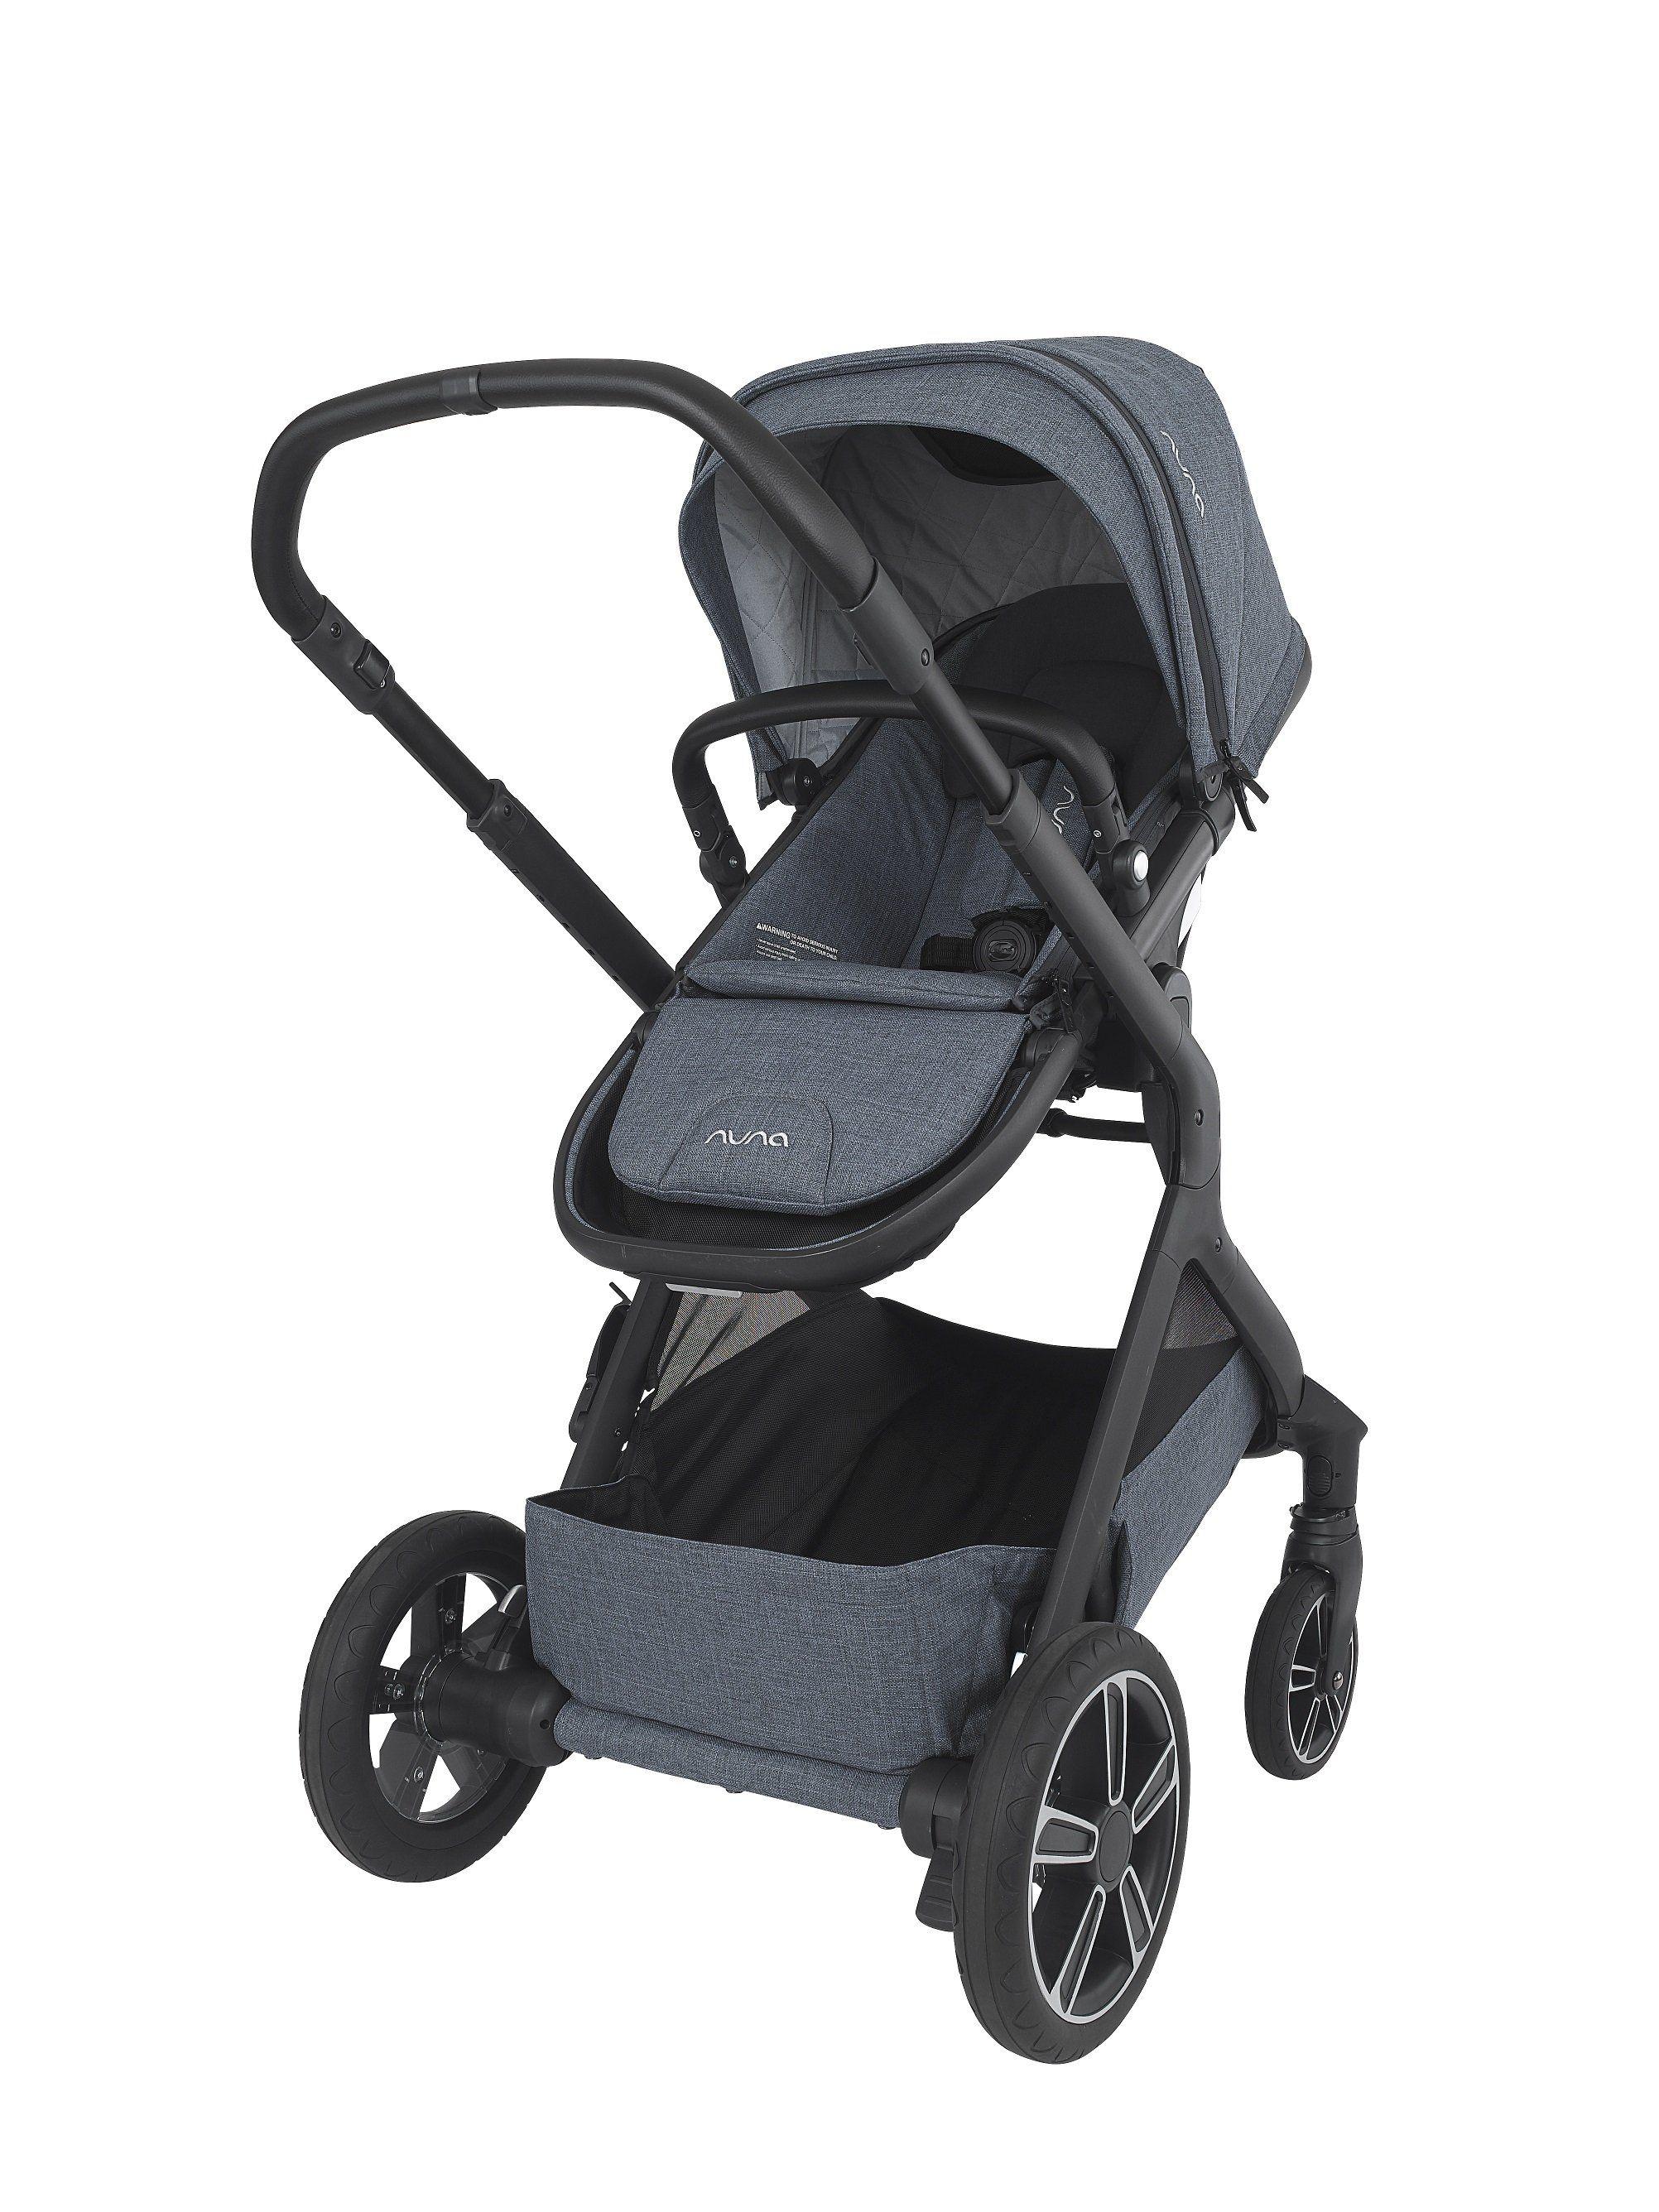 Nuna demigrow stroller stroller nuna stroller baby